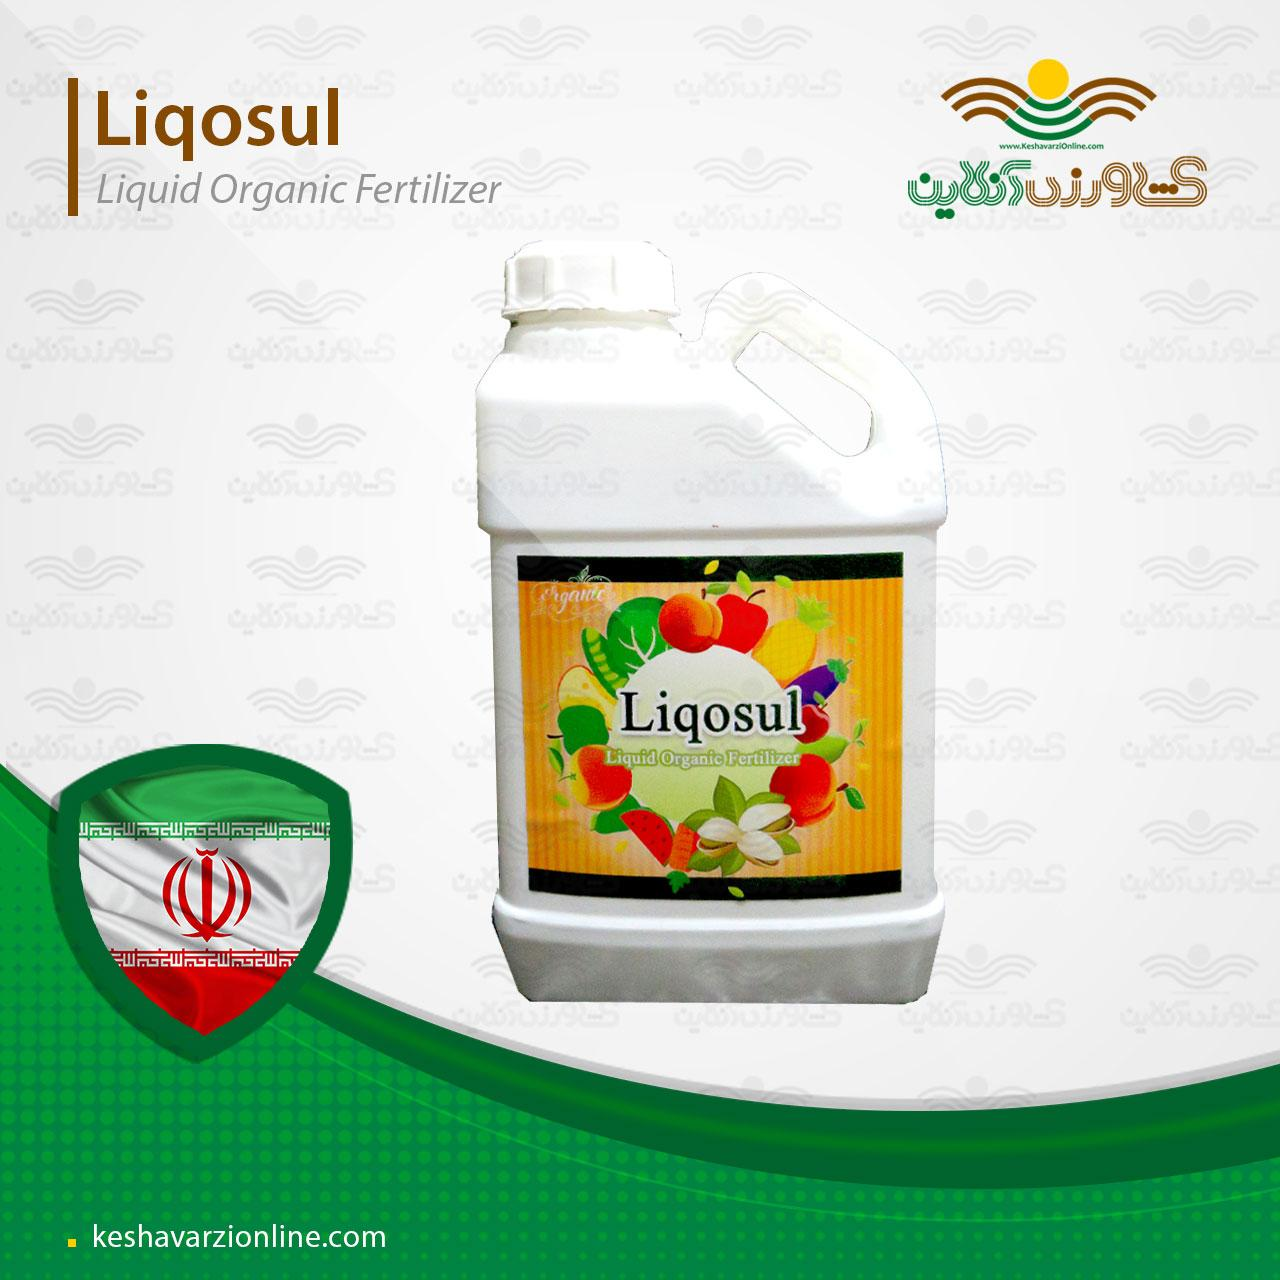 کود مایع گوگردی لیکوسول 4 لیتری 80 درصد